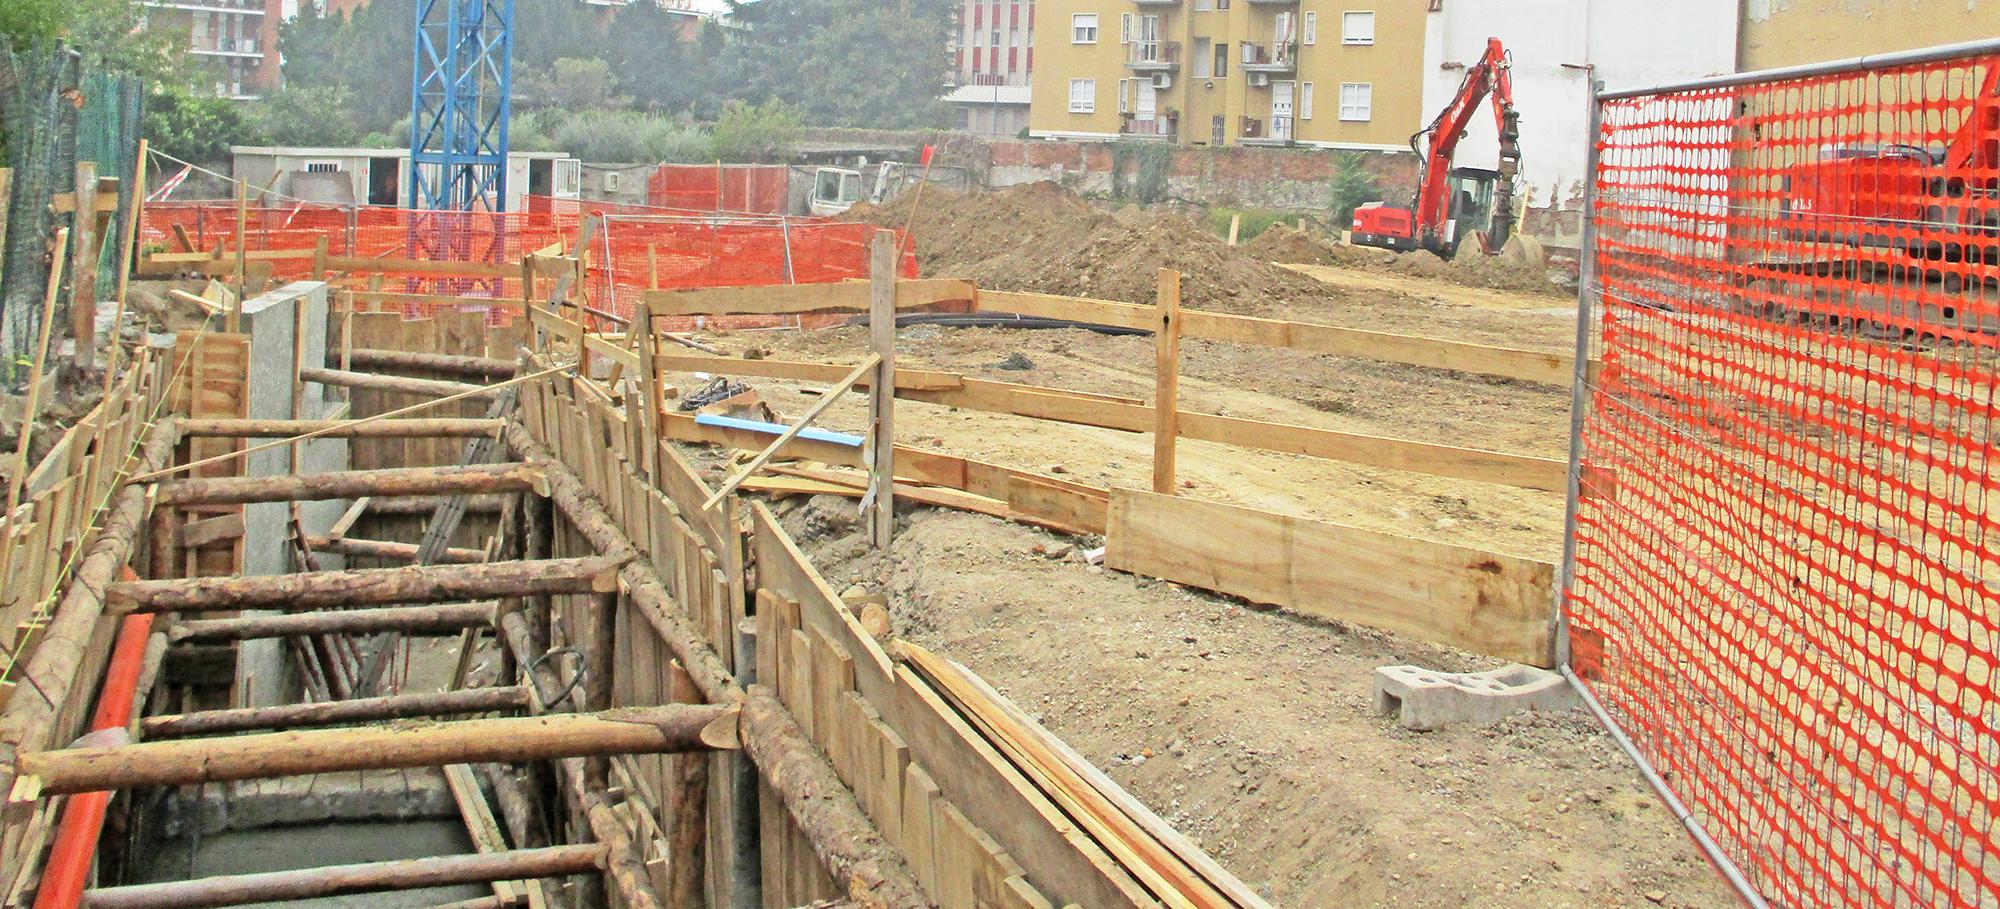 specializzati in sottomurazioni edilizia fontana sottomurazioni e scavi armati edilizia fontana sottomurazioni 19